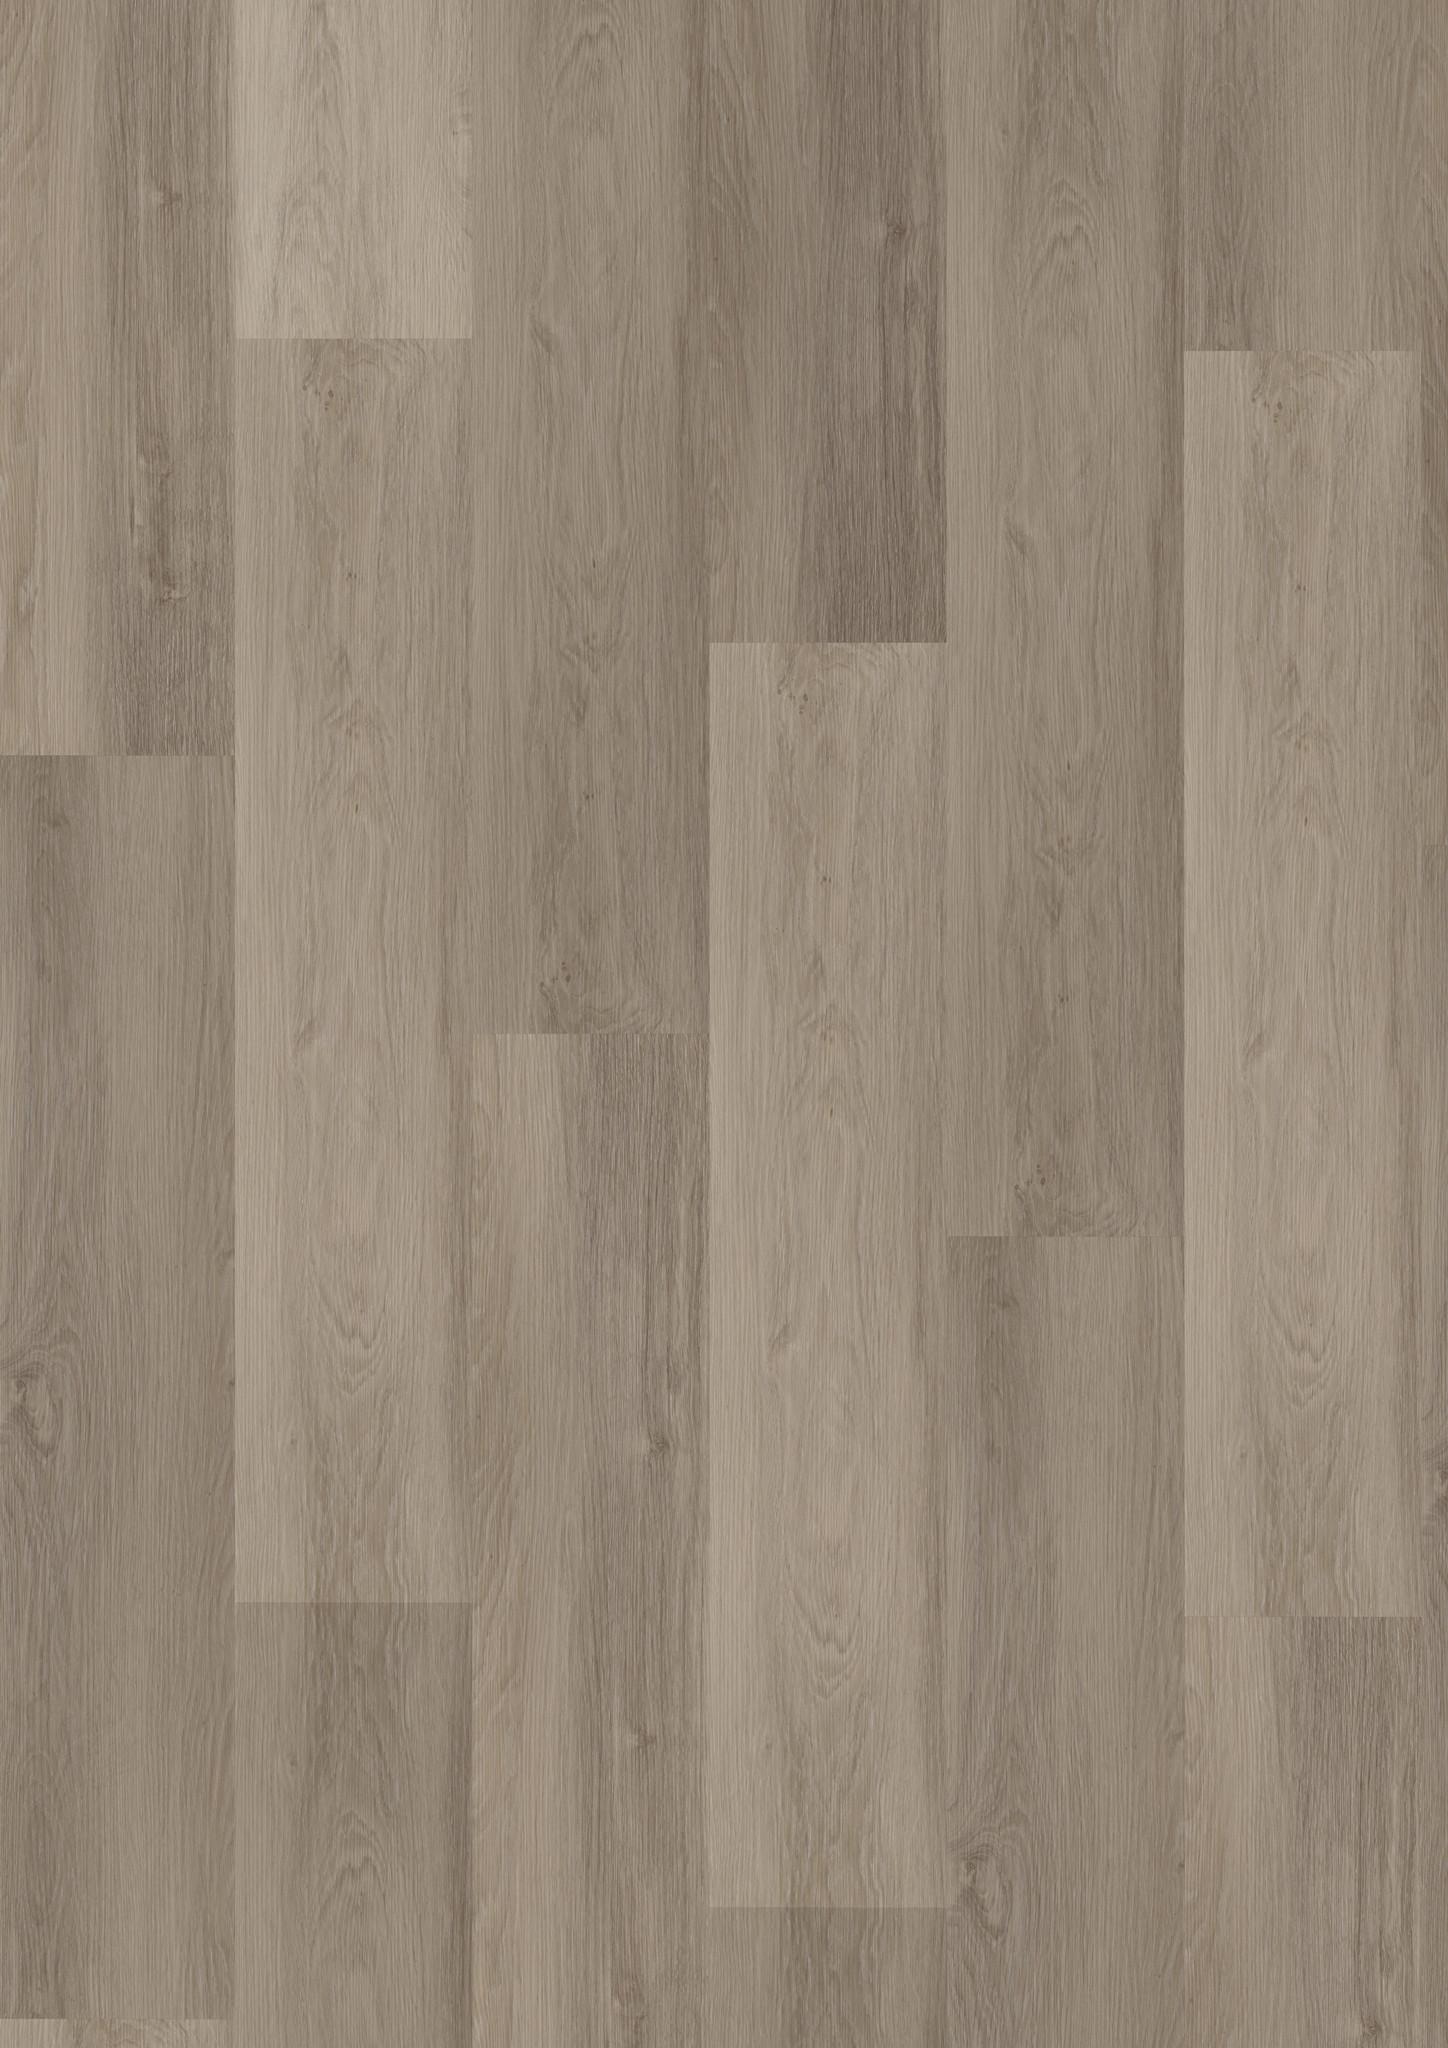 Hoomline Briljant 55 Uniclic Lelie Click PVC (met ondervloer aan vloer vast!)